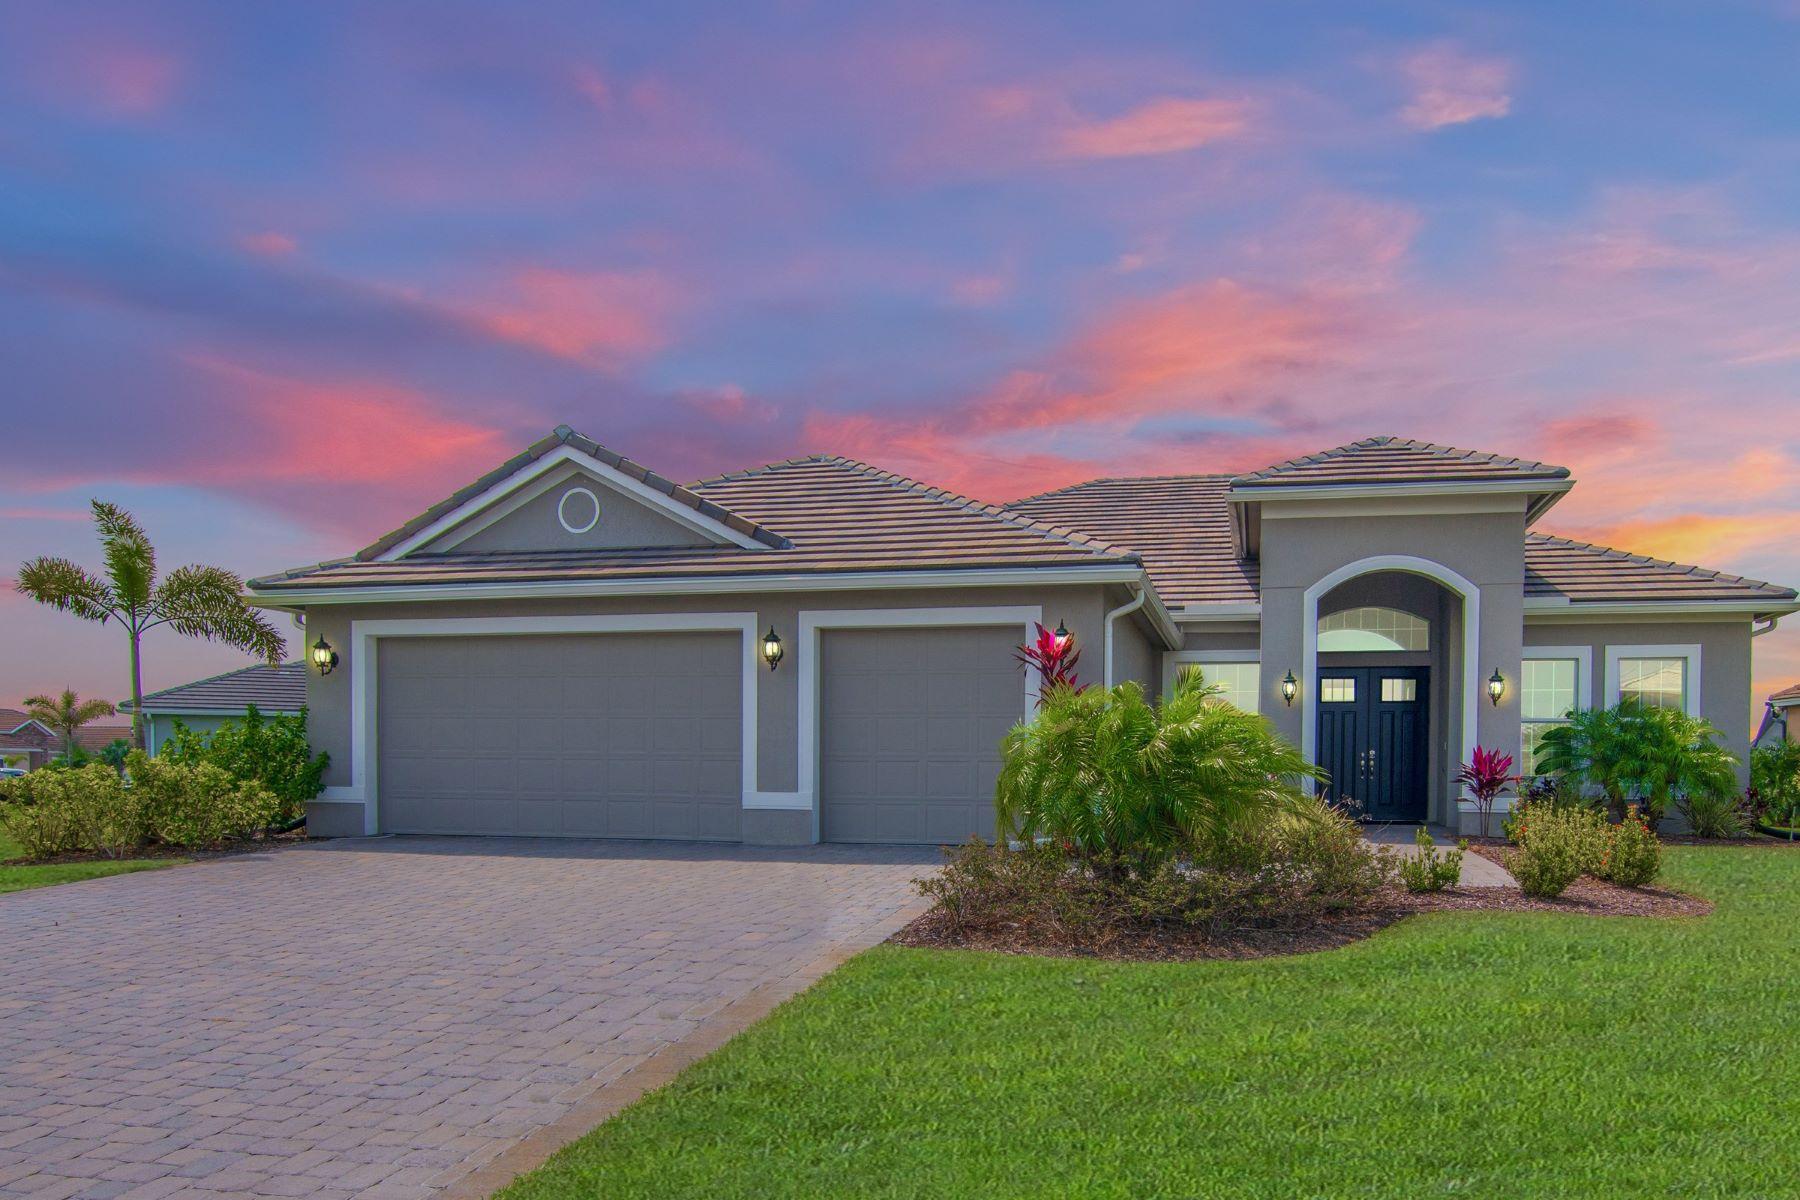 4812 Four Lakes Circle Sw, Vero Beach, FL 4812 Four Lakes Circle Sw Vero Beach, Florida 32968 Amerika Birleşik Devletleri